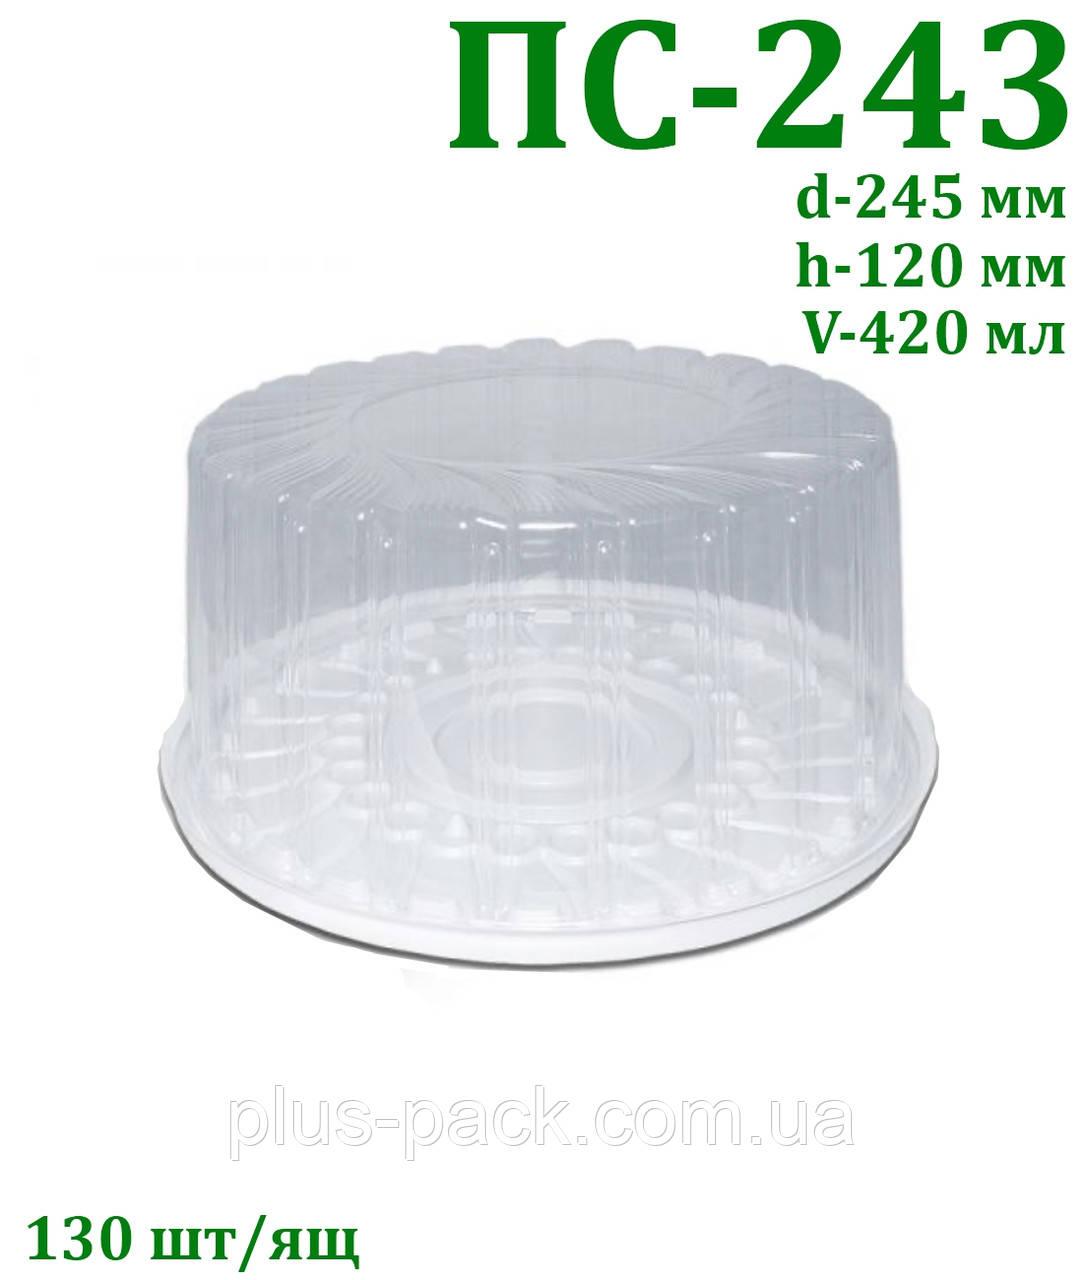 Коробка для тортов (1 кг), 130шт/ящ